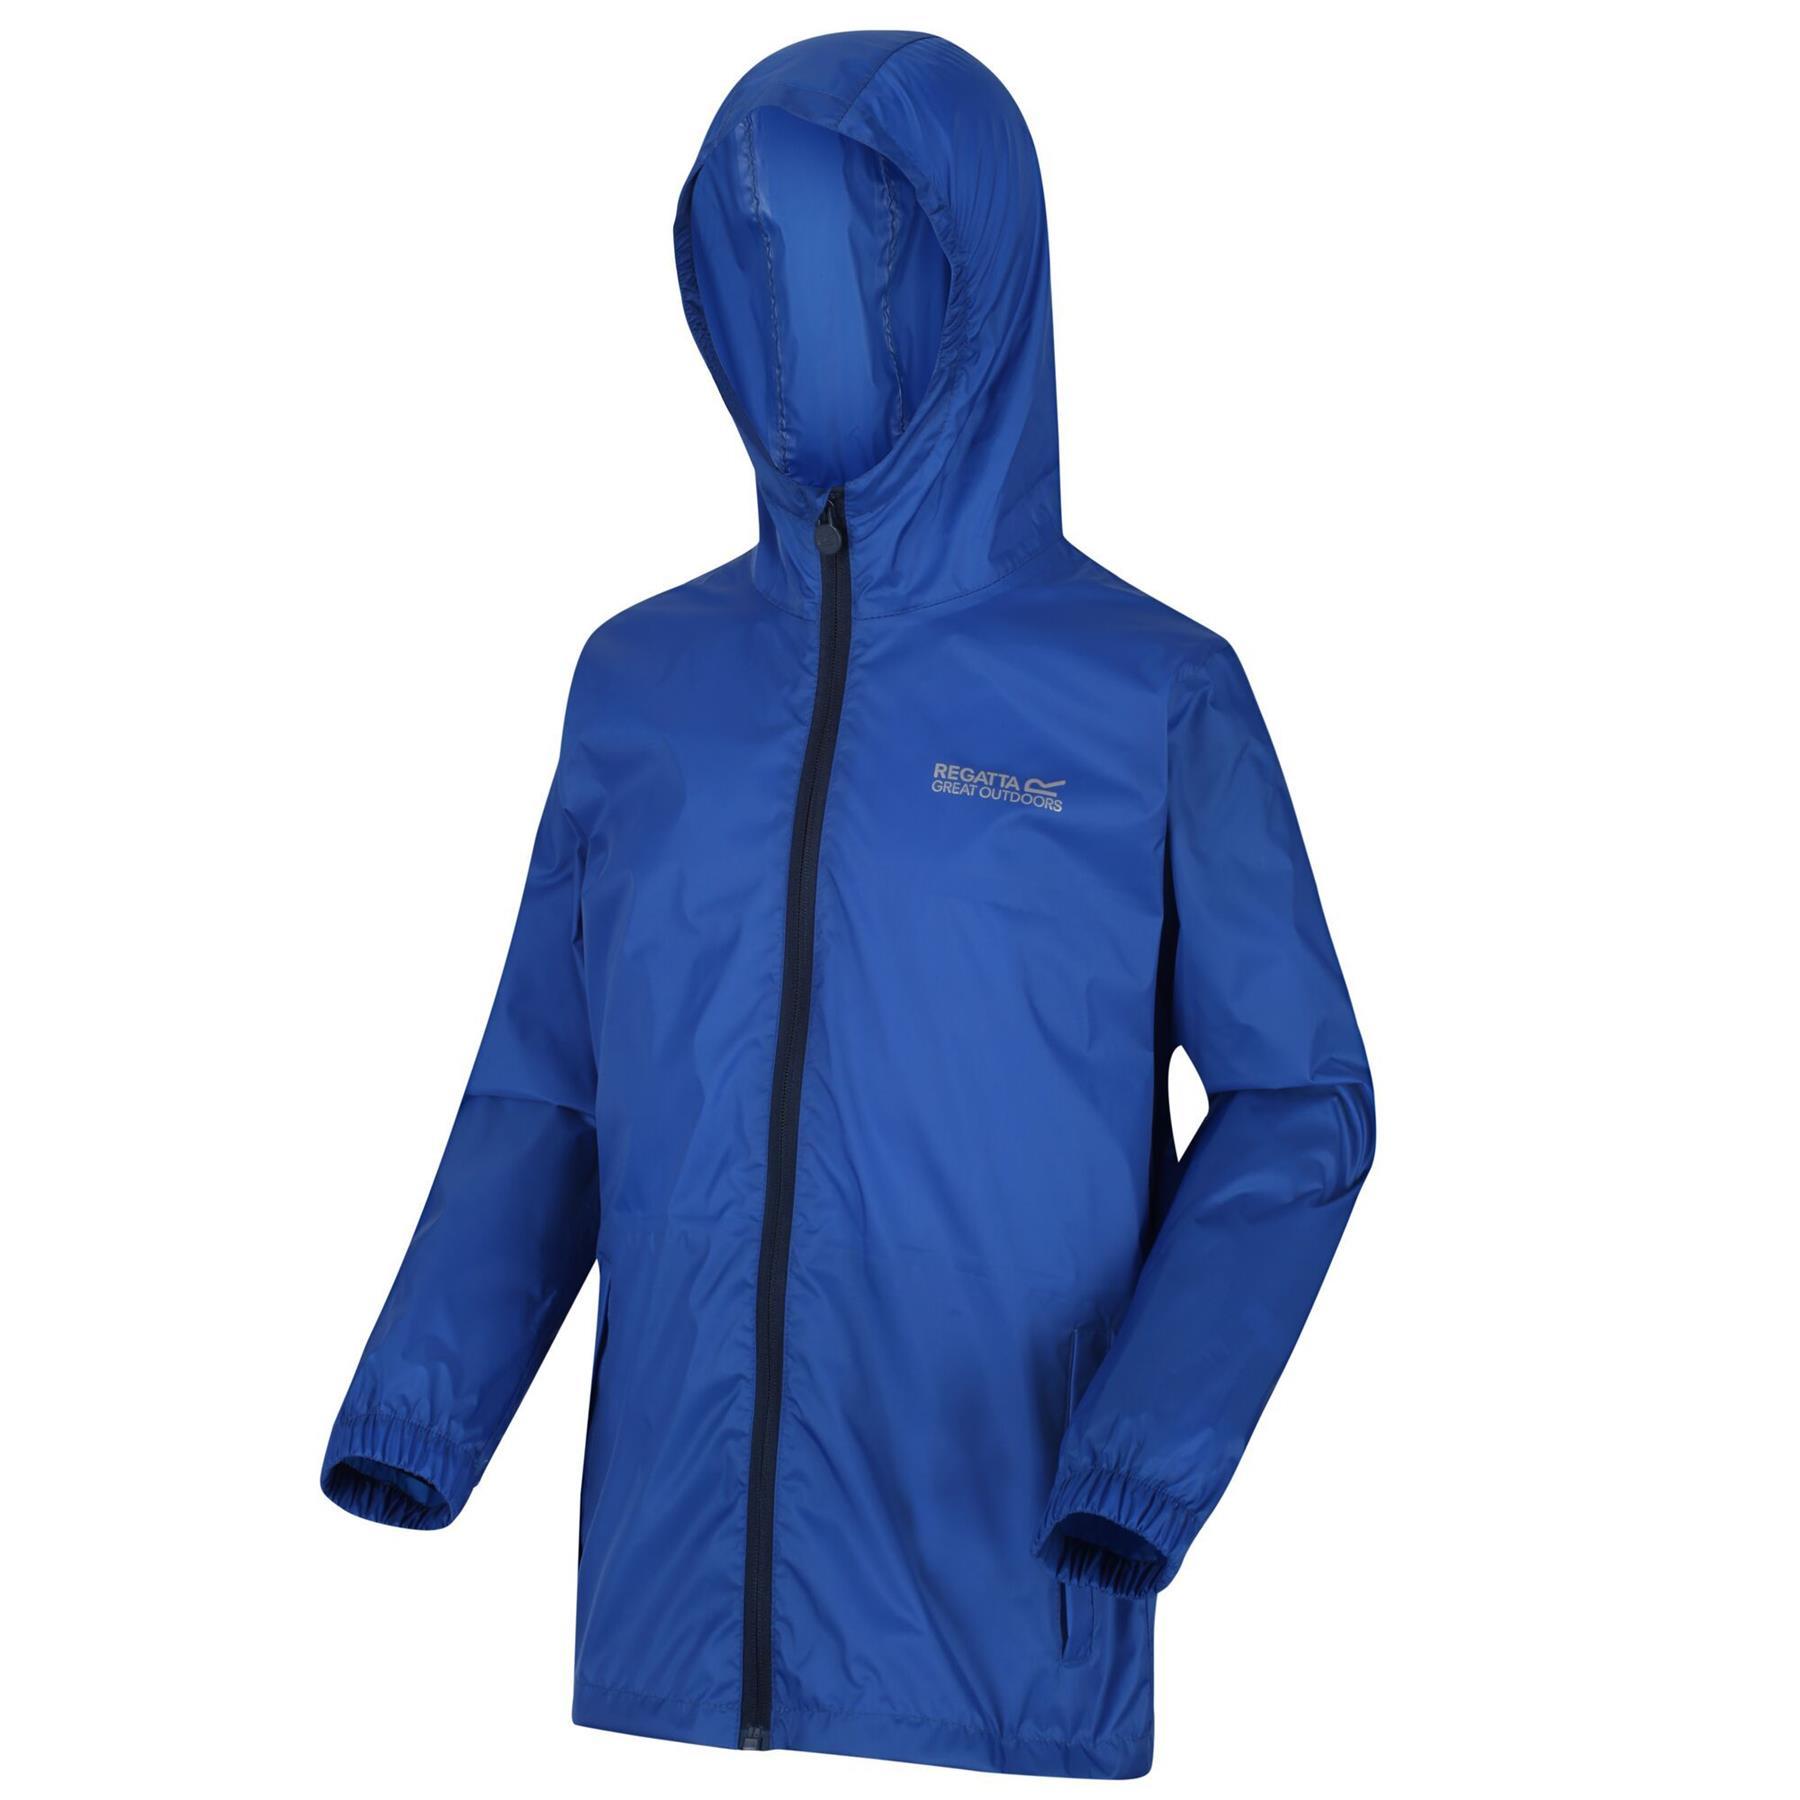 miniatuur 20 - Regatta Kids Pack it Jacket II Lightweight Waterproof Packaway Jacket Boys Girls